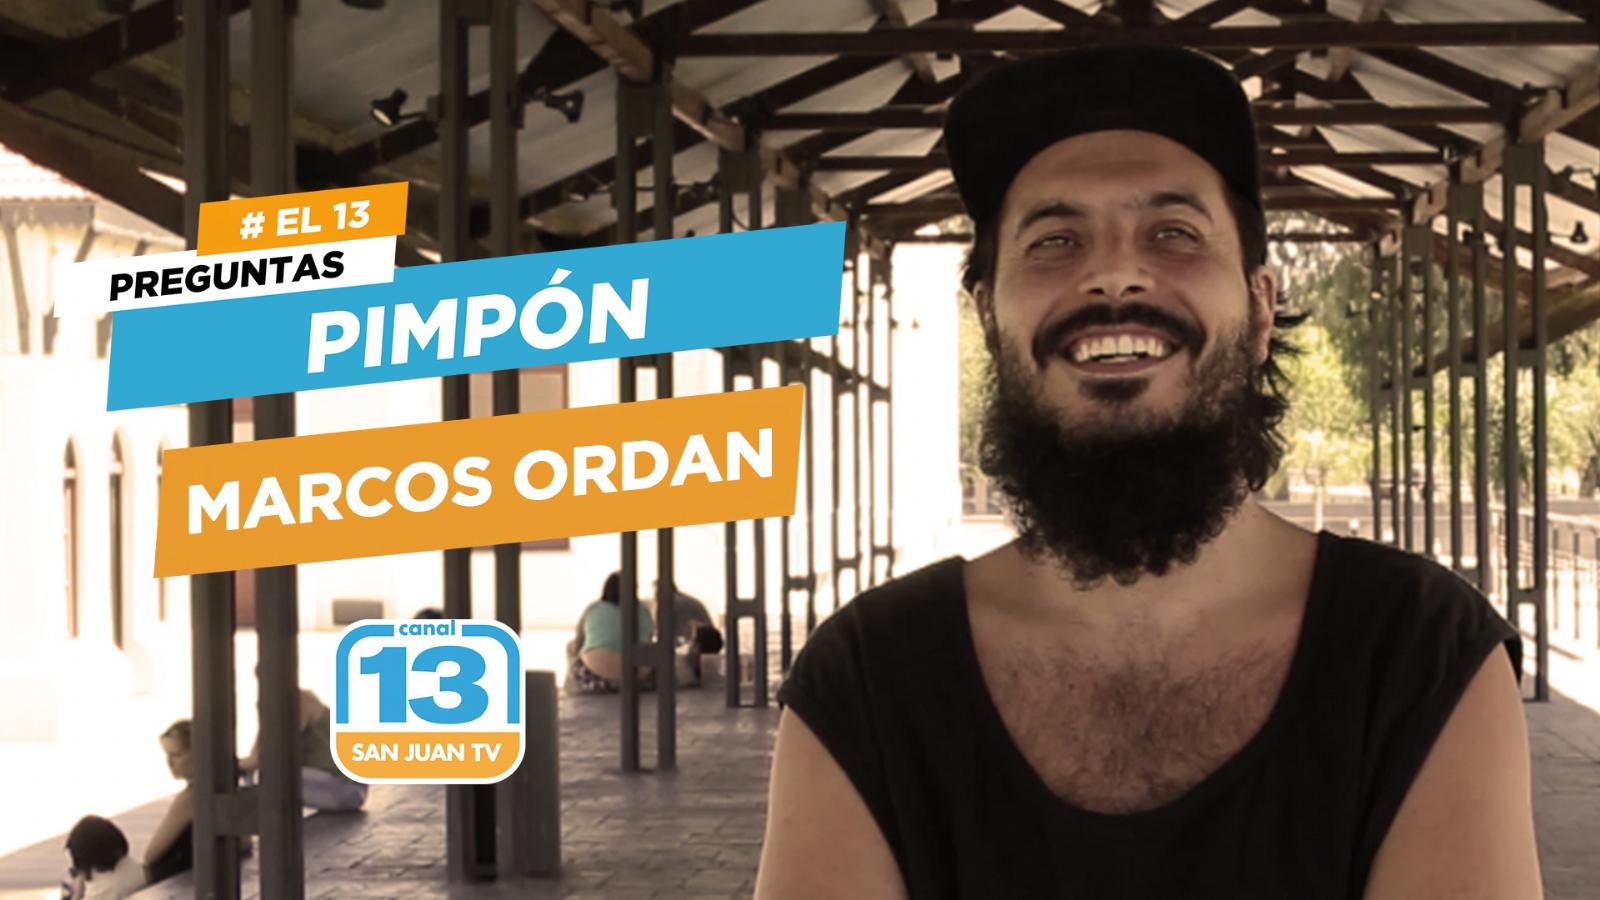 Que es lo que más le molesta a Marcos Ordán? - Canal 13 San Juan TV